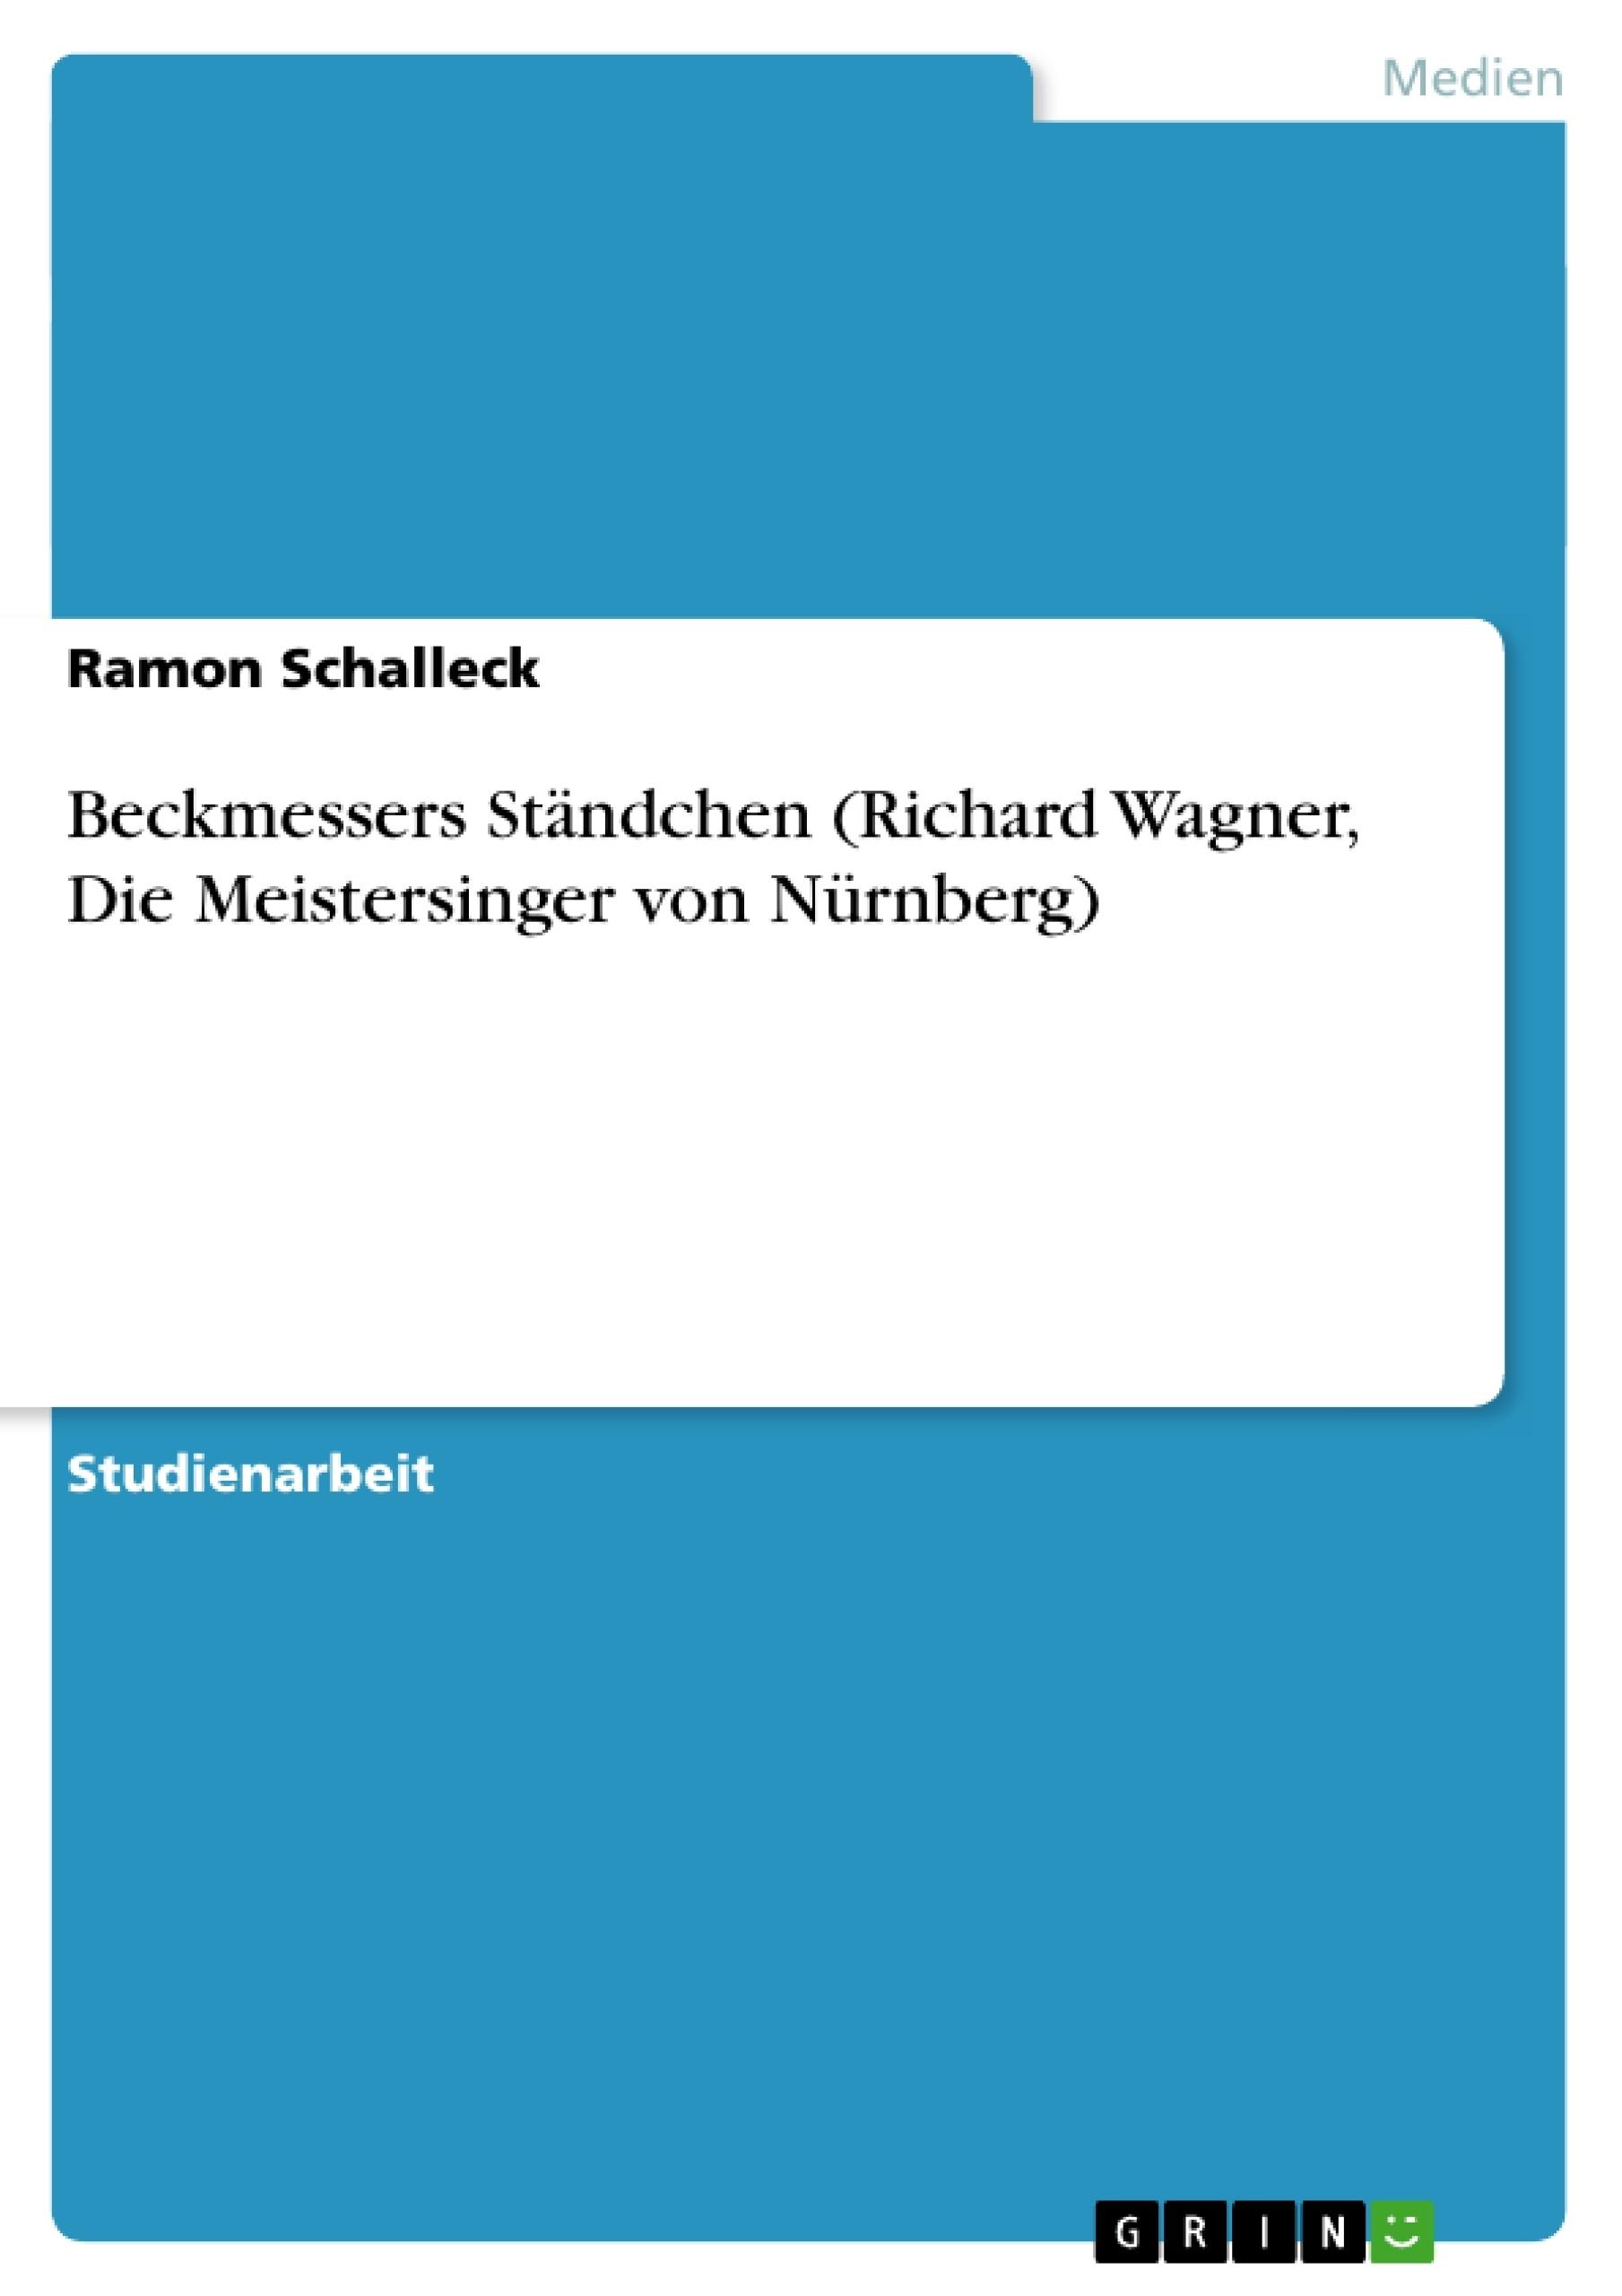 Titel: Beckmessers Ständchen (Richard Wagner, Die Meistersinger von Nürnberg)